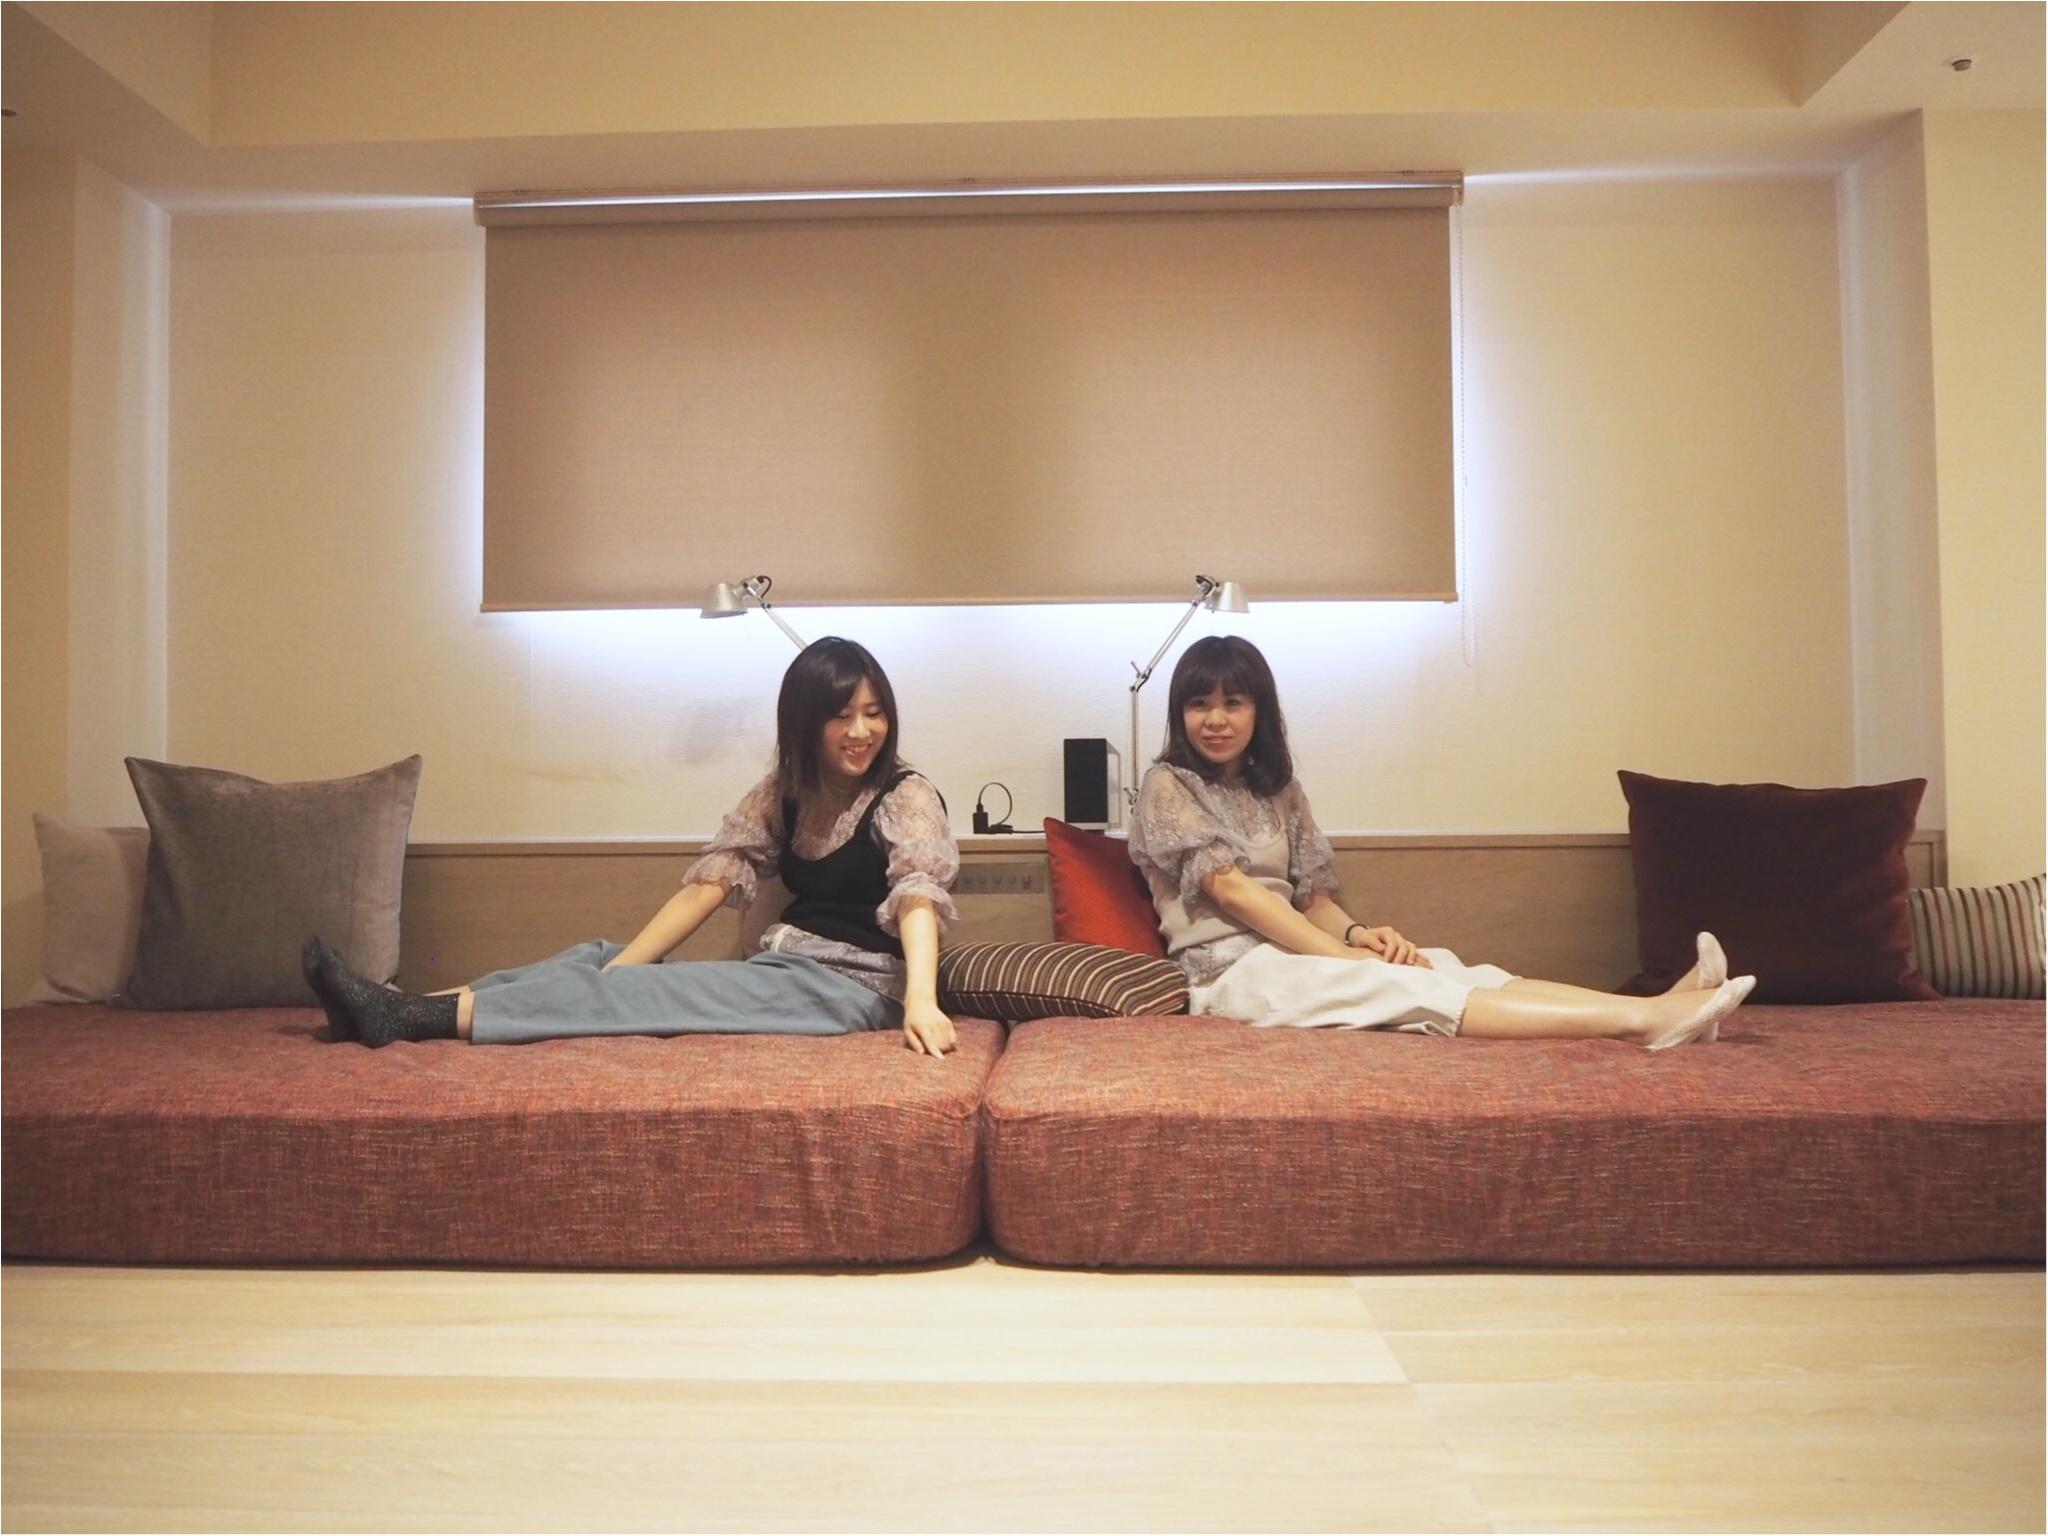 【星野リゾート】『リゾナーレ八ヶ岳』短時間で楽しむ!写真いっぱい宿泊レポート❤︎_9